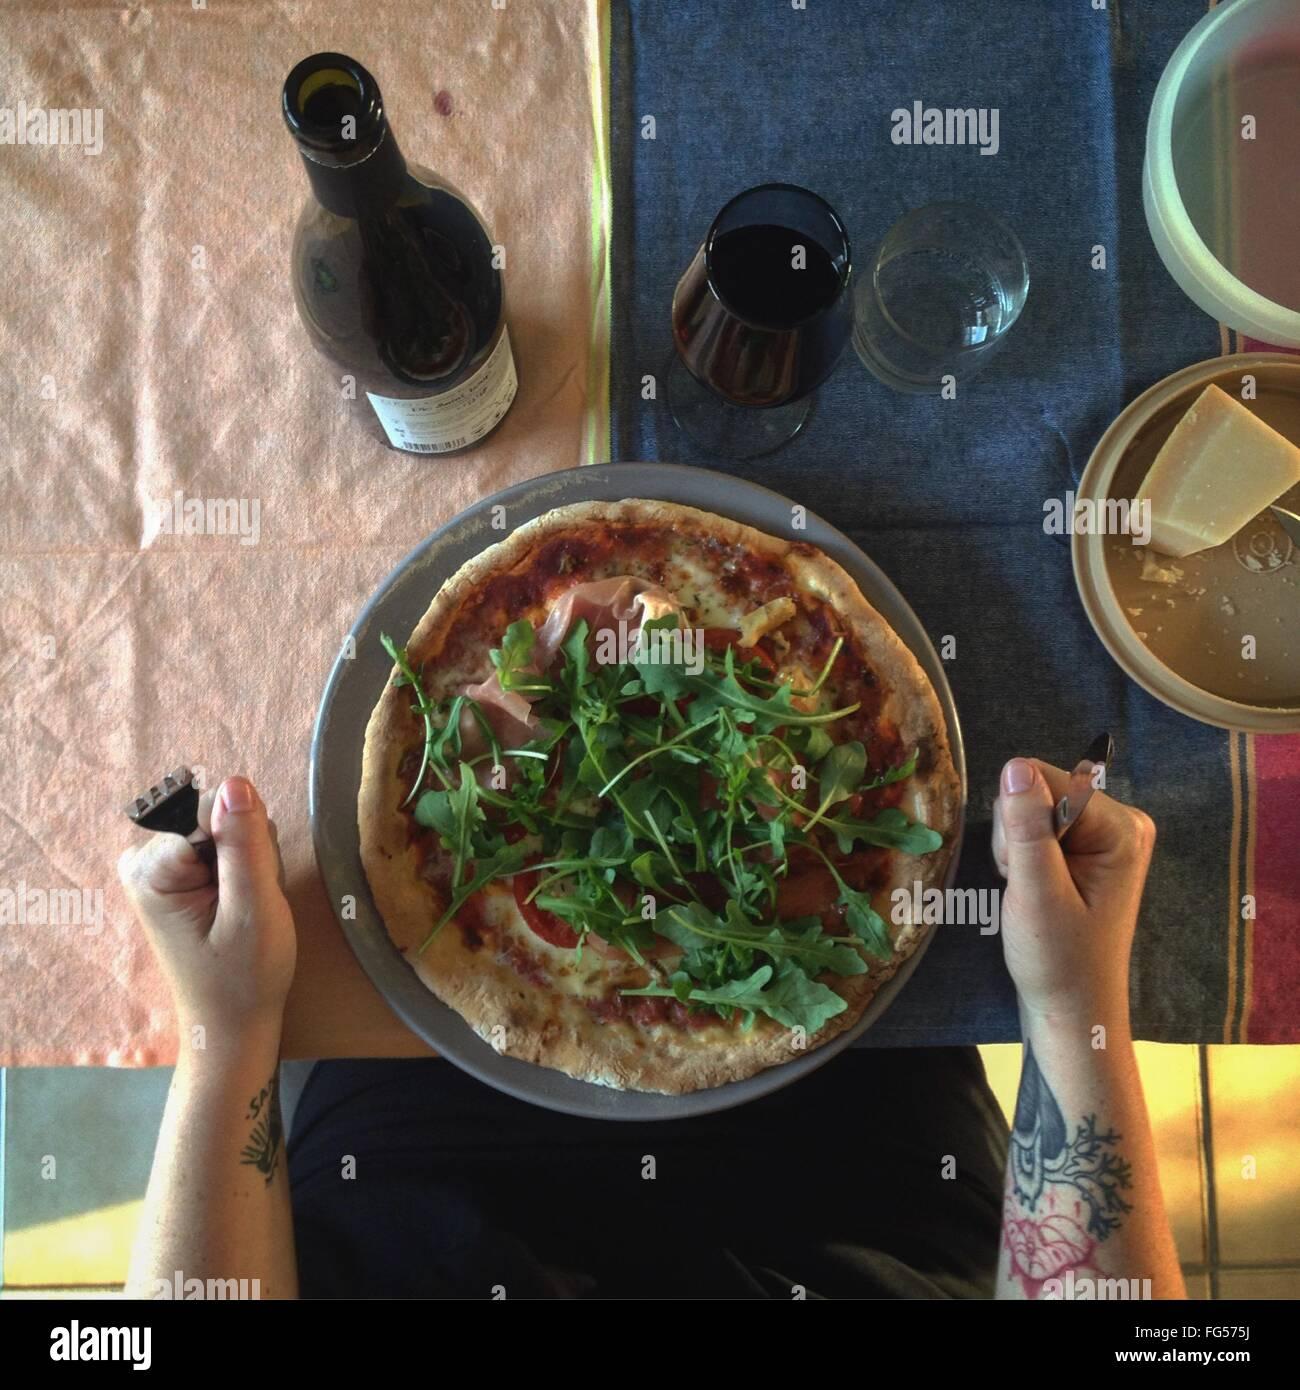 Imagen recortada de la mano con la pizza y el vino en la mesa Imagen De Stock